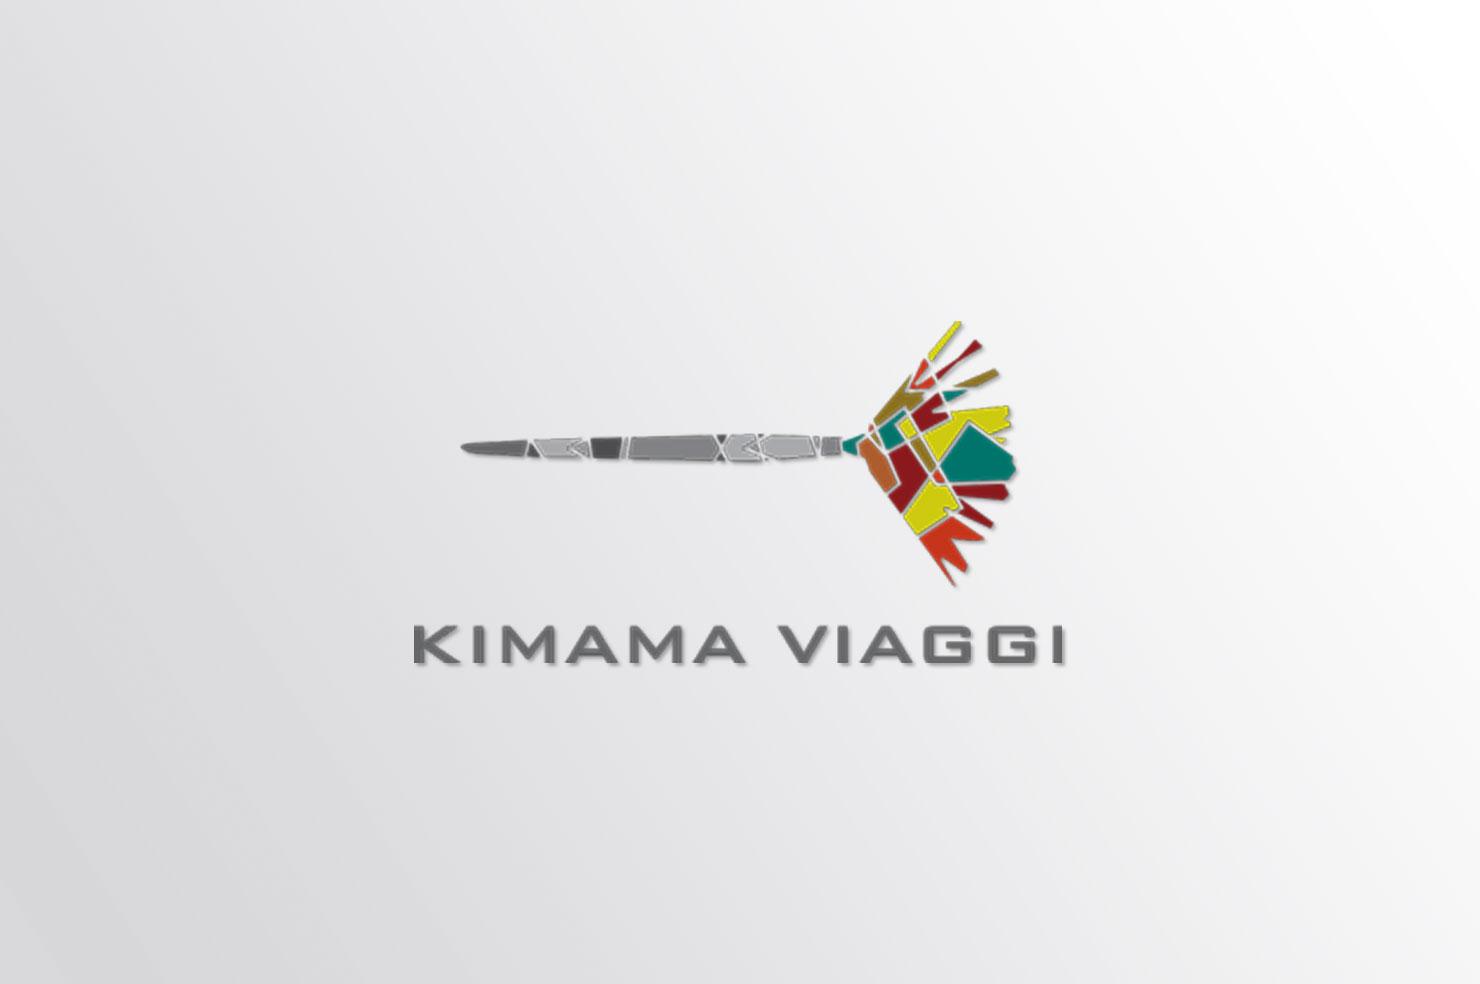 Kimama Viaggi | Website